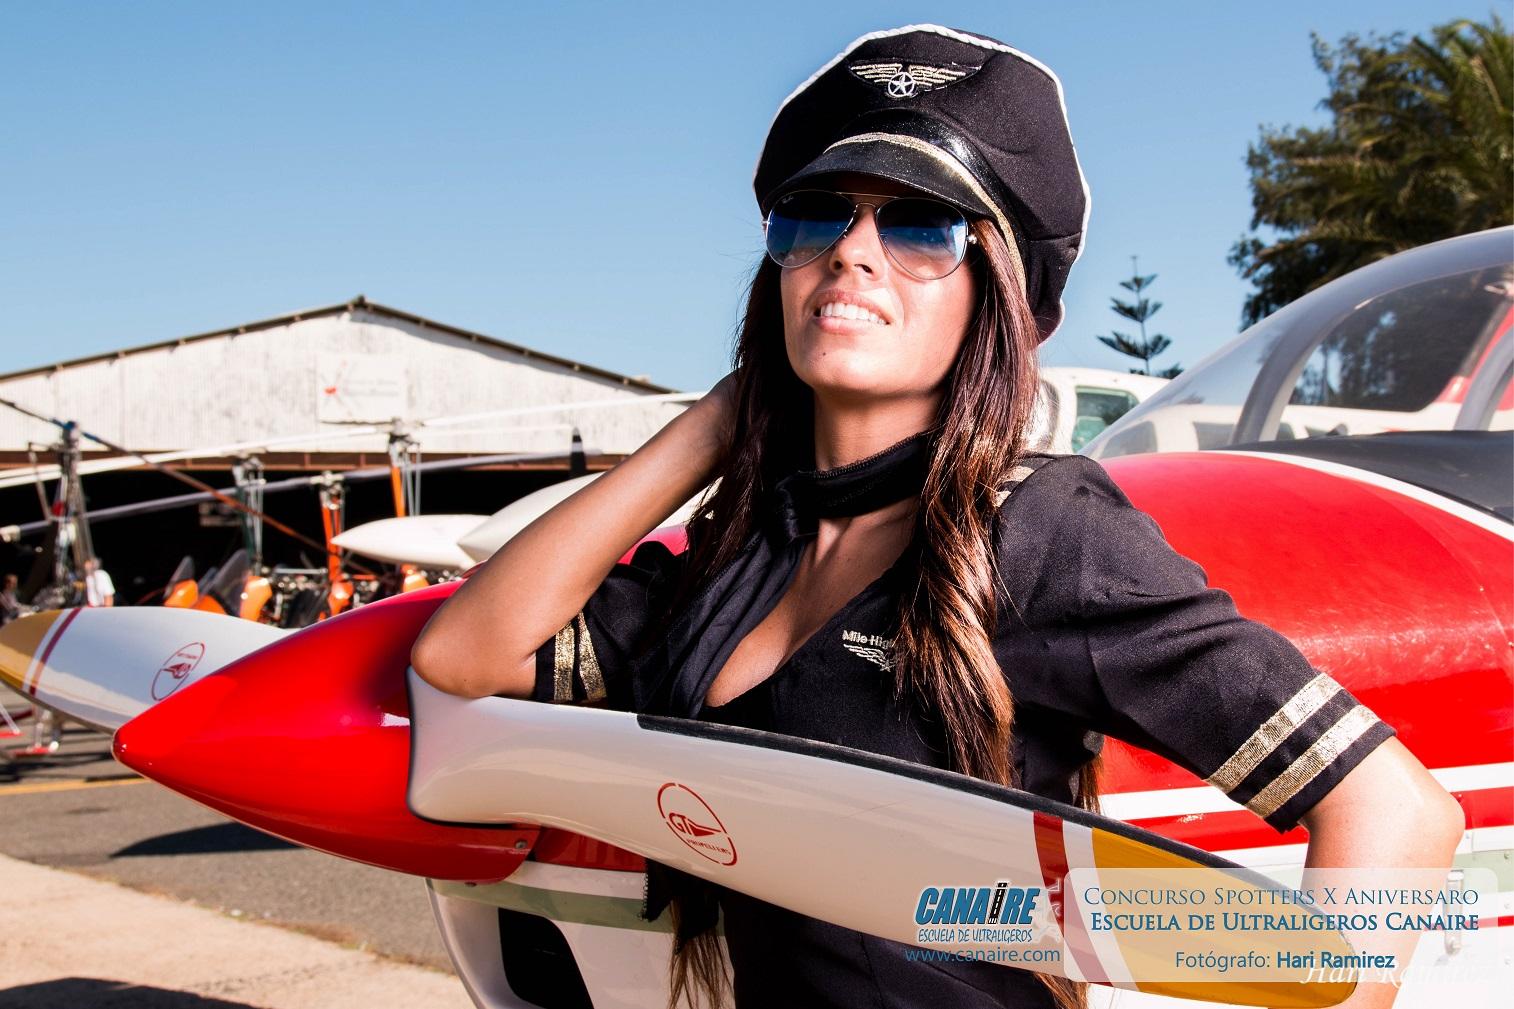 Escuela de Pilotos Canaire